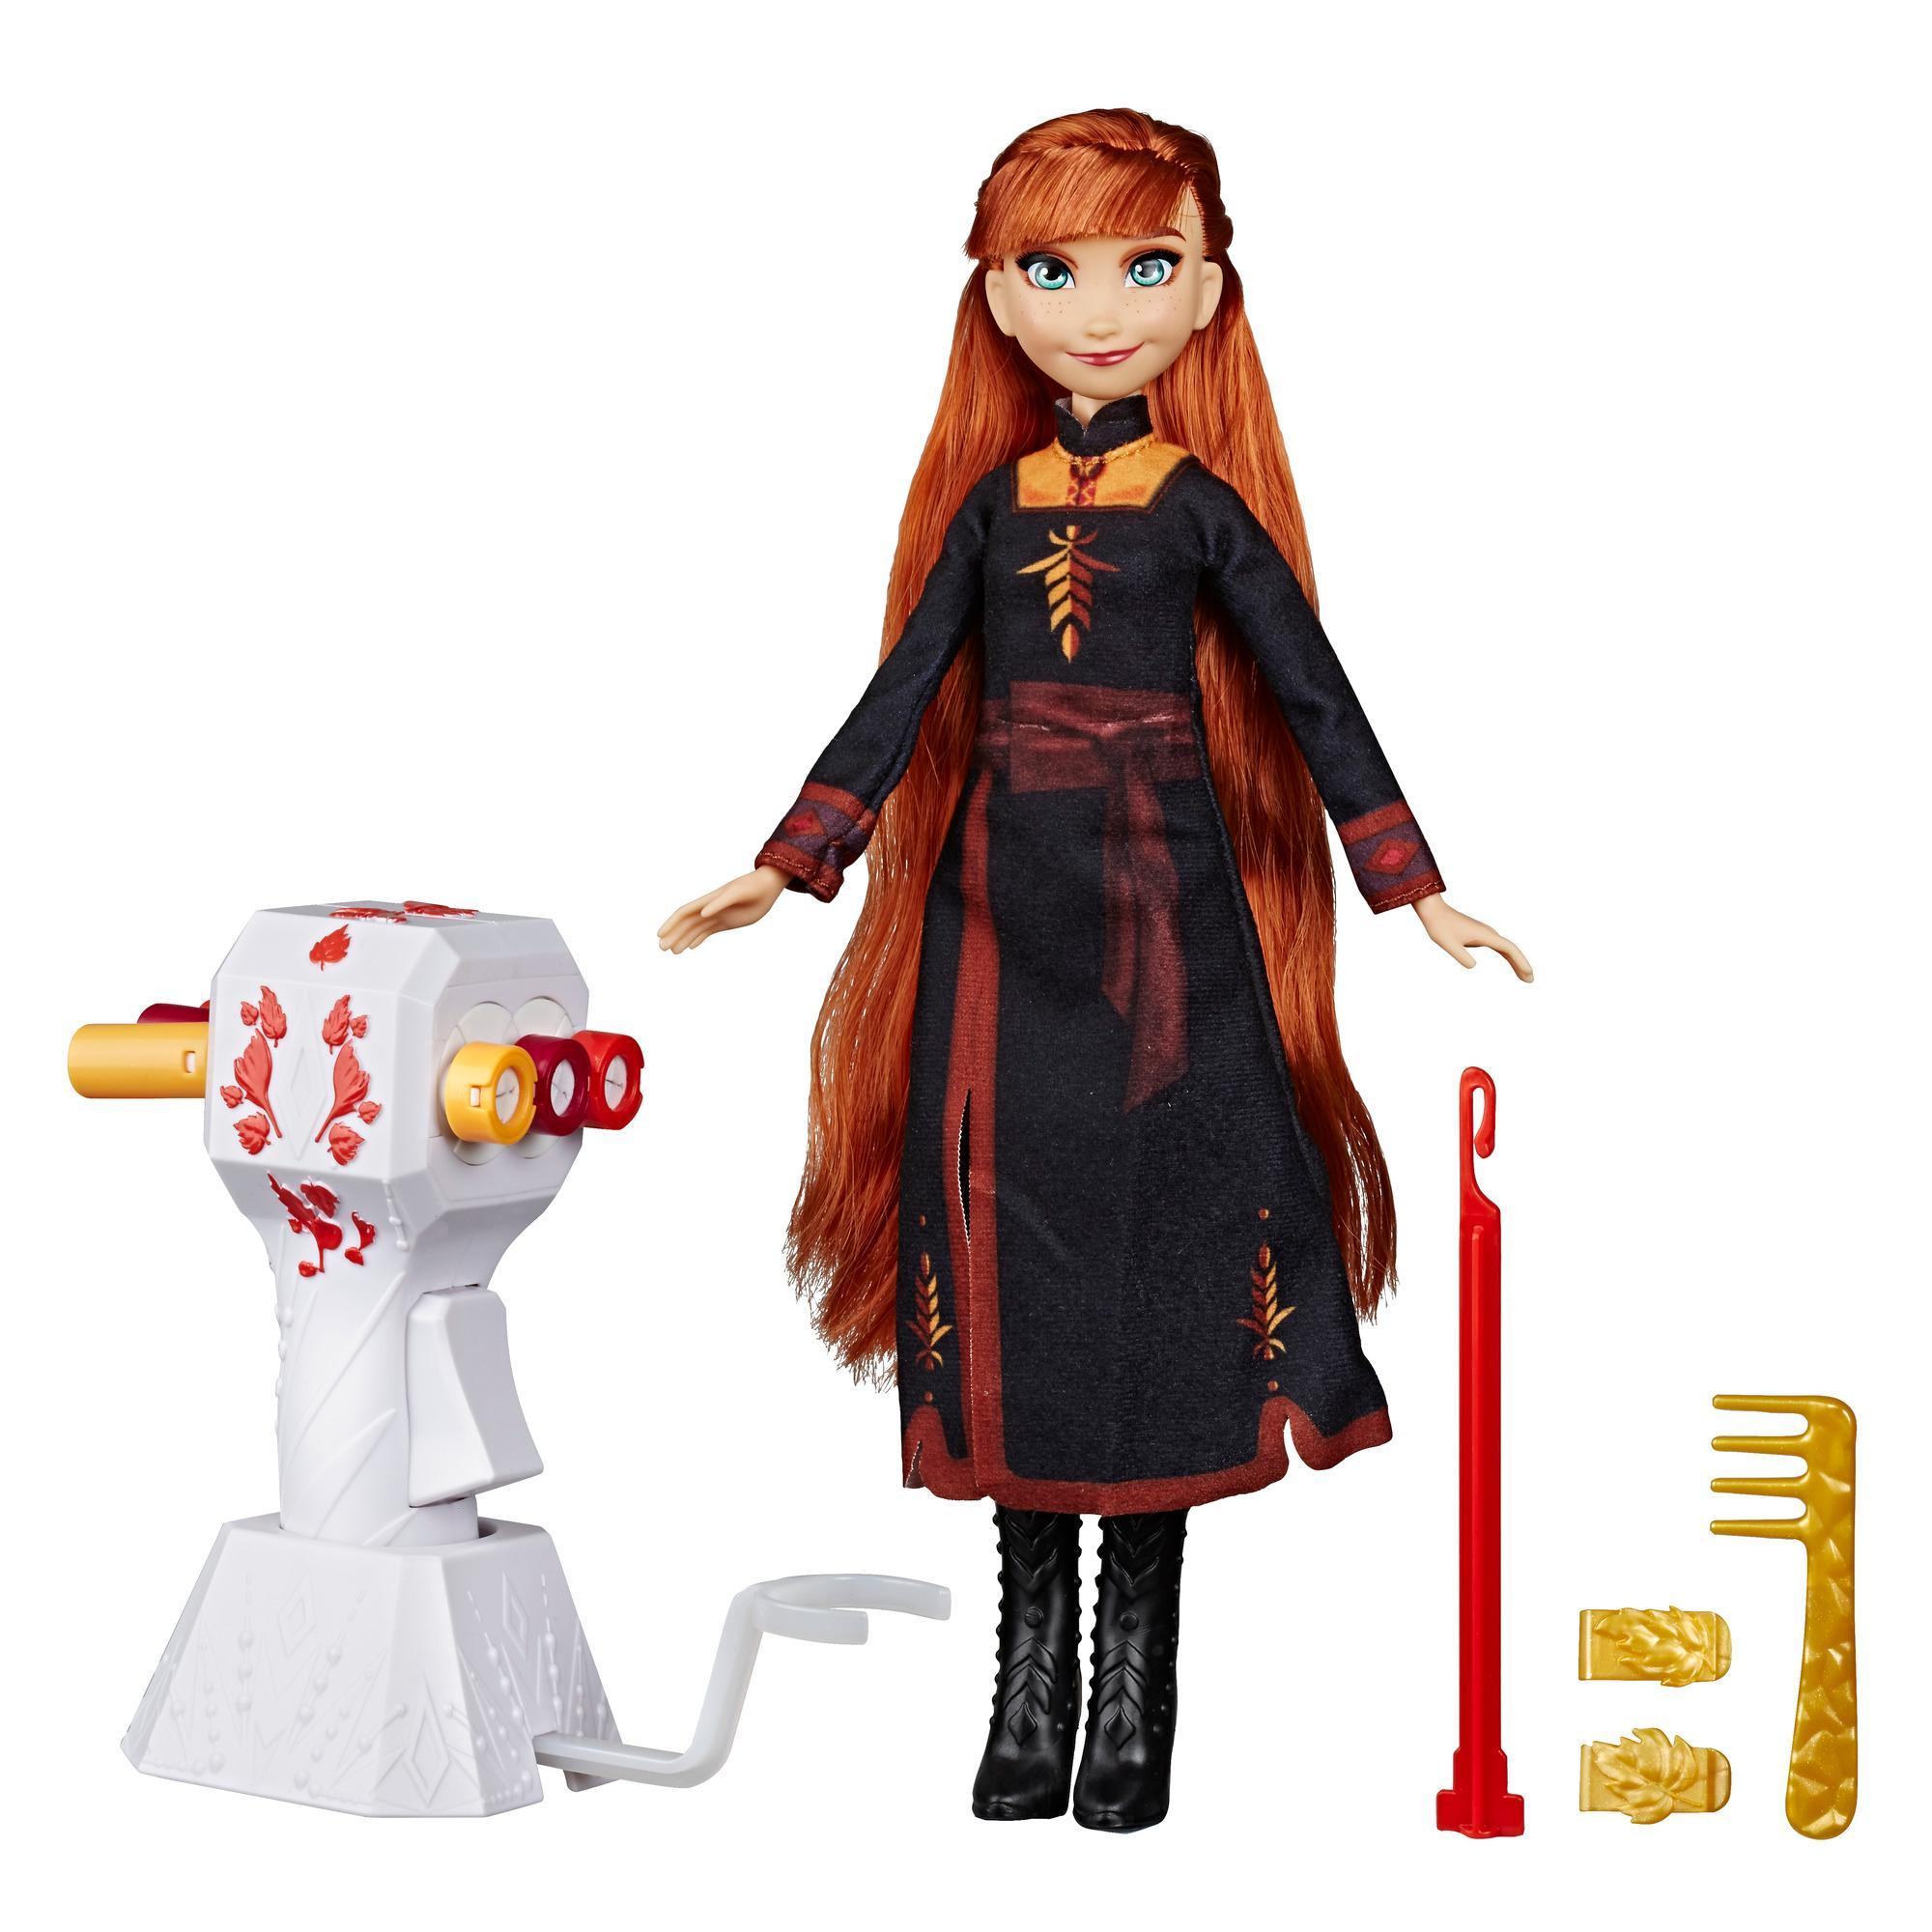 Disney Frozen - Anna Trenzamanía - Muñeca con cabello rojo y extralargo, trenzador y broches para el cabello - Juguete para niños y niñas de 5 años en adelante